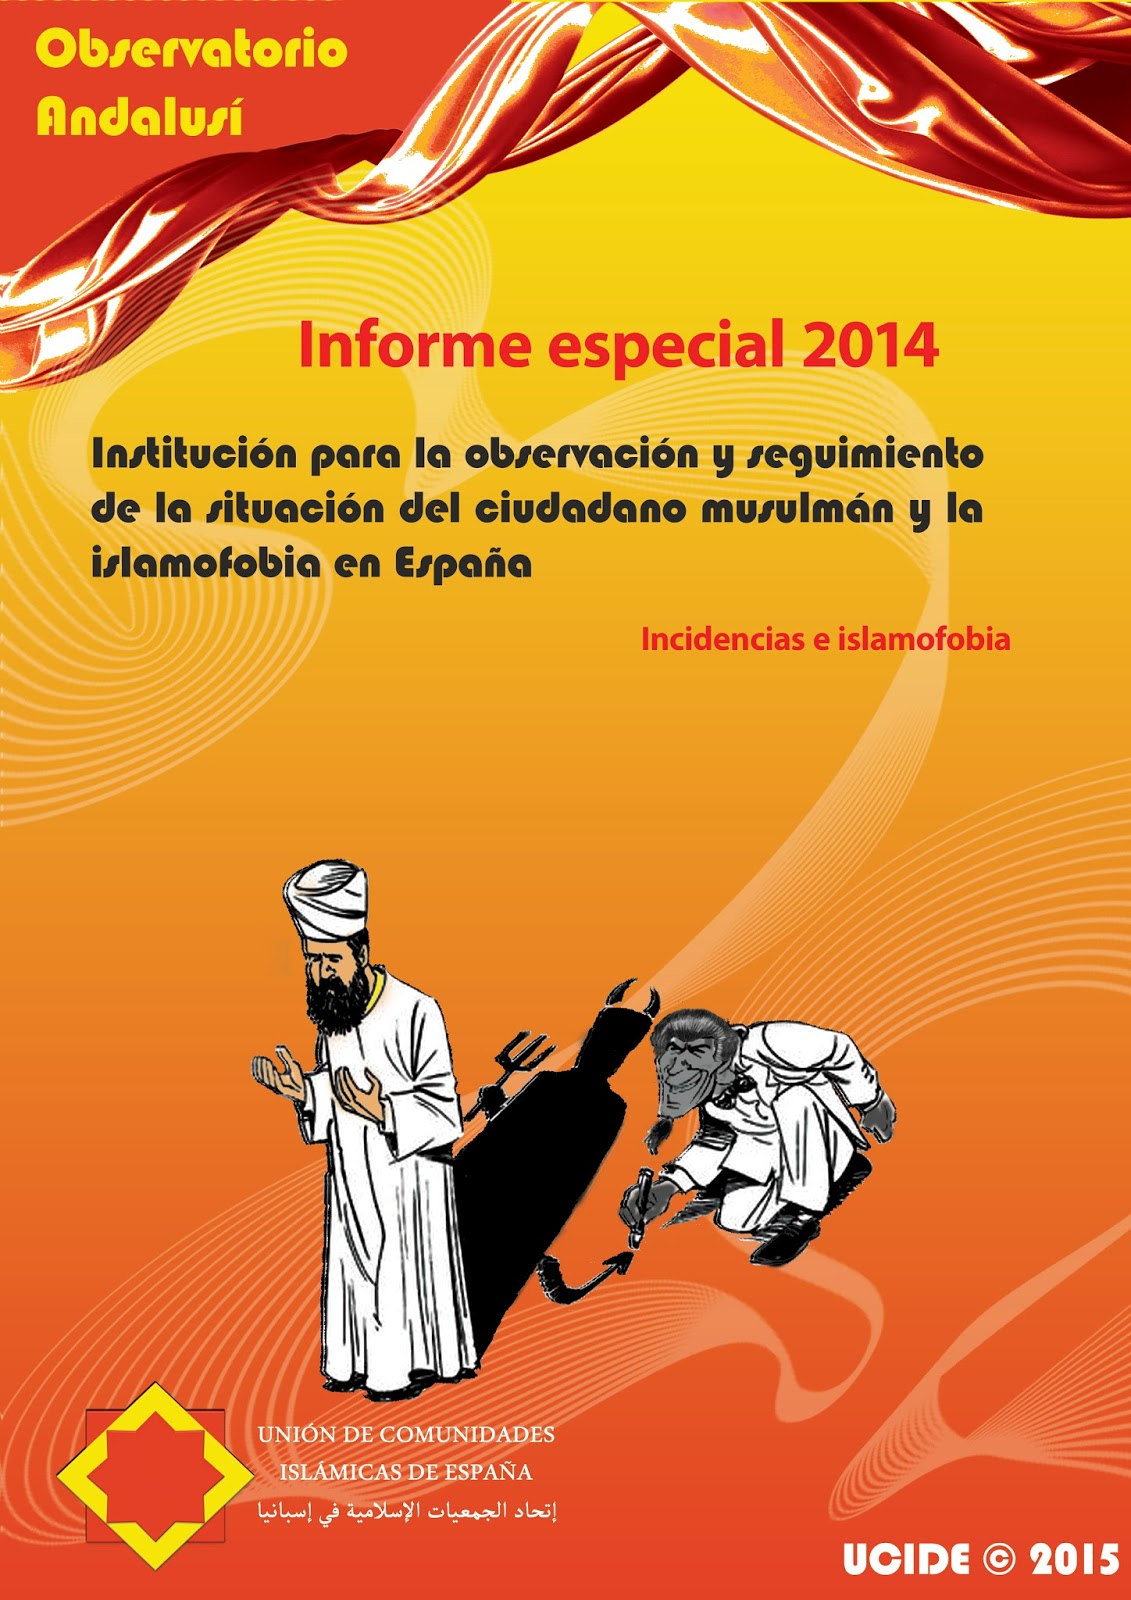 Informe especial J/2014, de incidencias y islamofobia